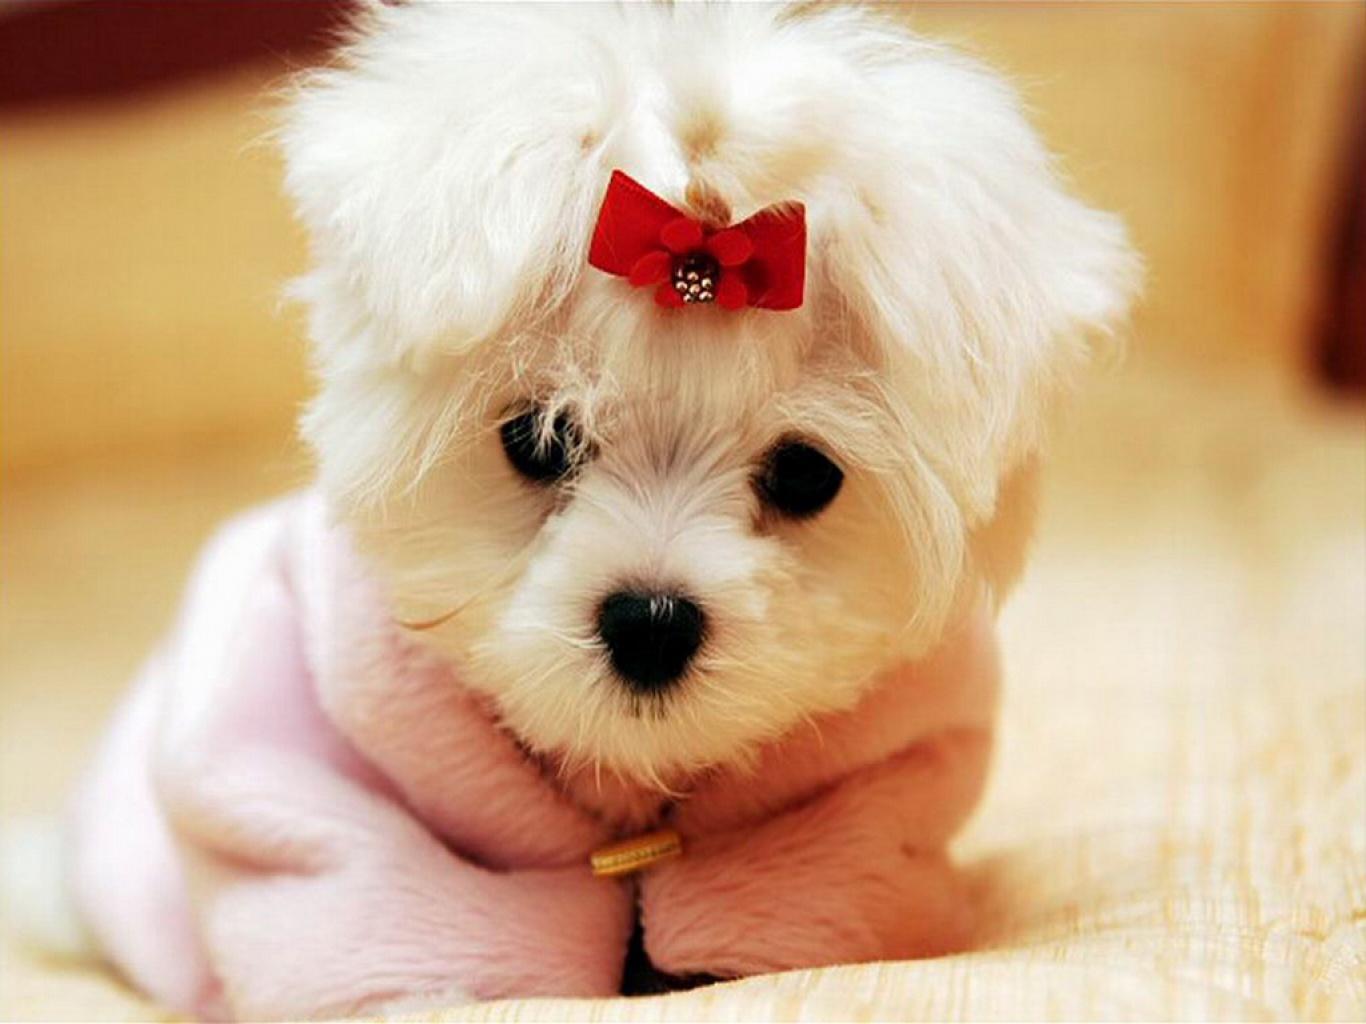 Imagenes super tiernas de perros y gatos: Imagenes Tiernas | Fotos ...